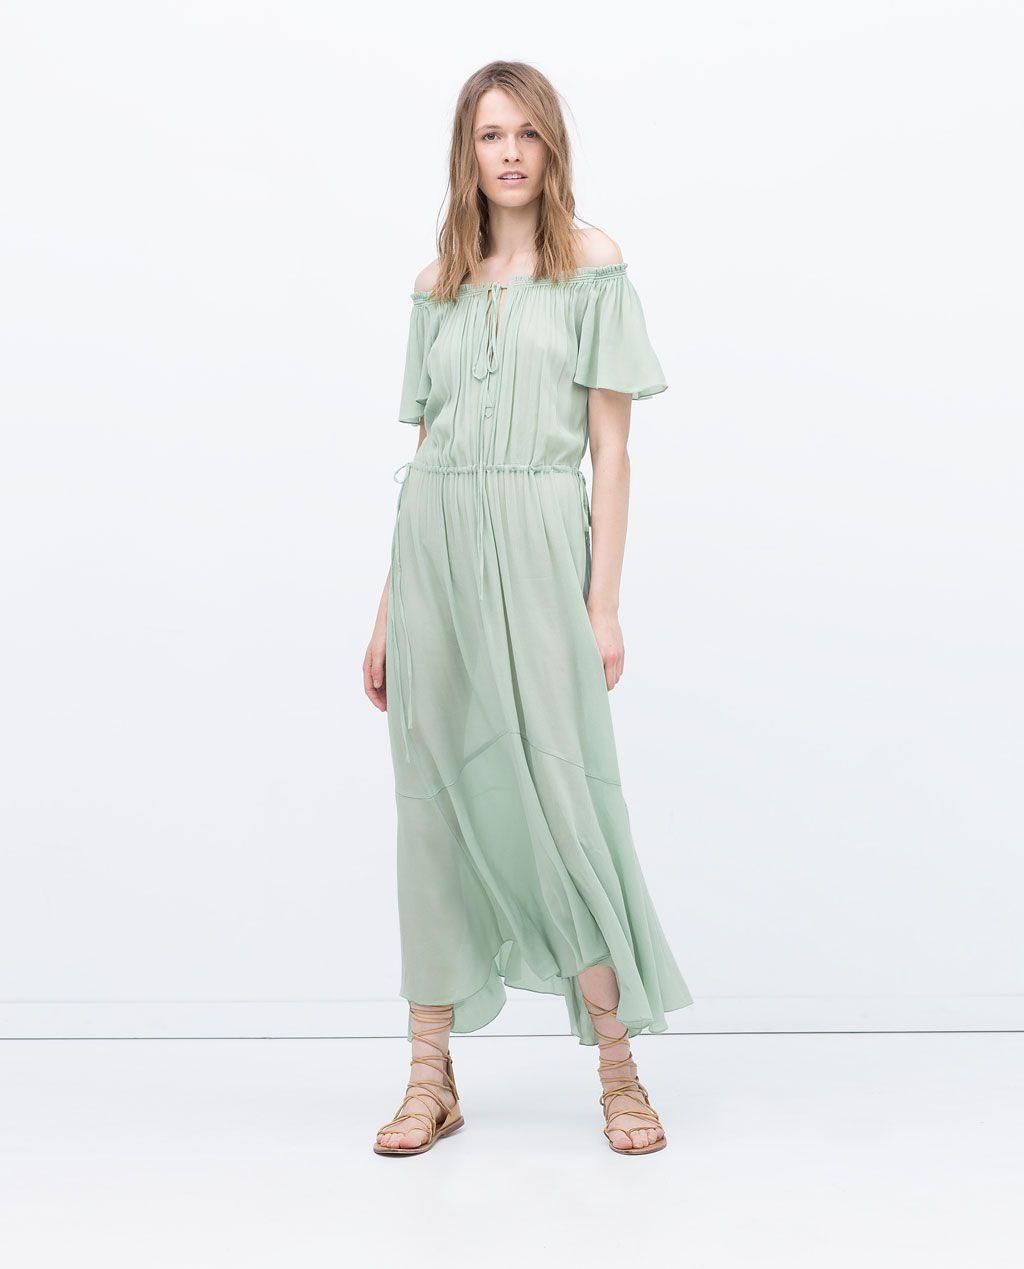 17 Coolste Abendkleid Zara Bester PreisAbend Luxurius Abendkleid Zara Ärmel